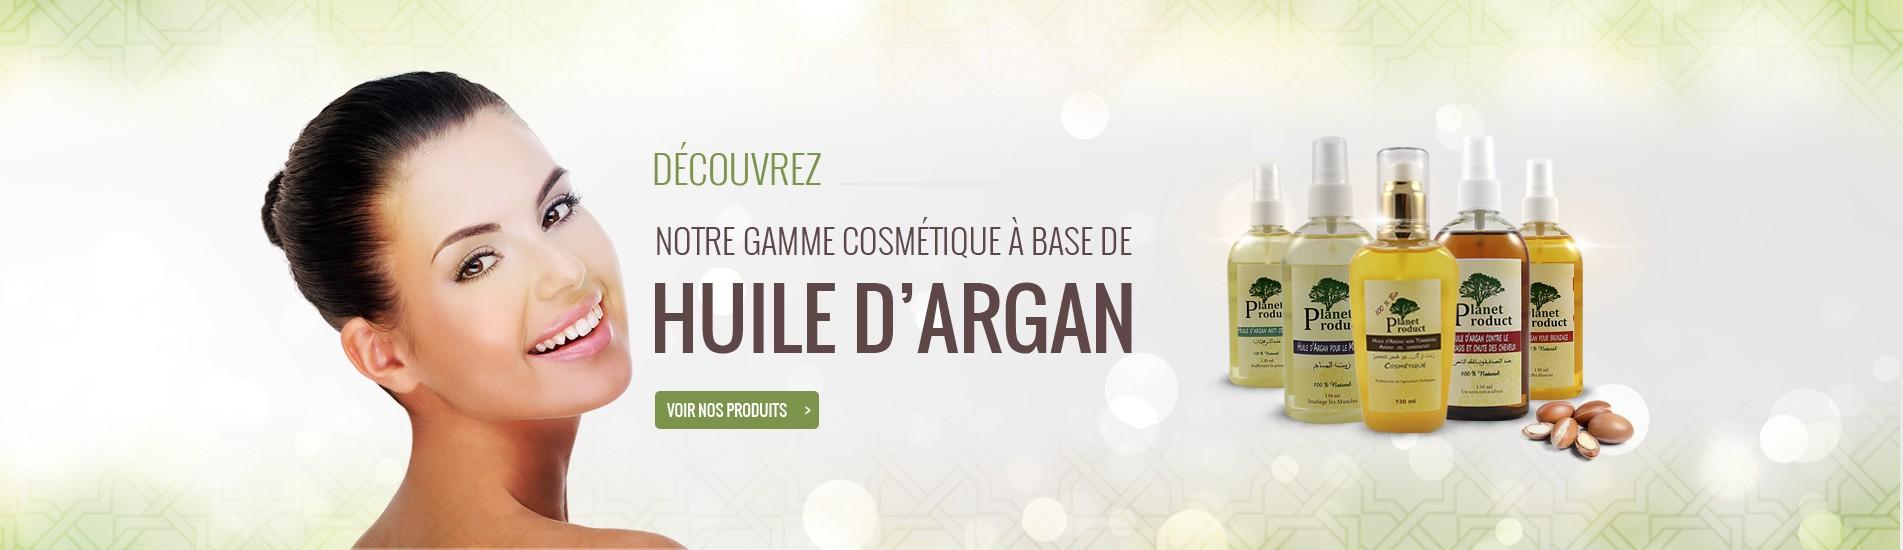 HUILE D'ARGAN